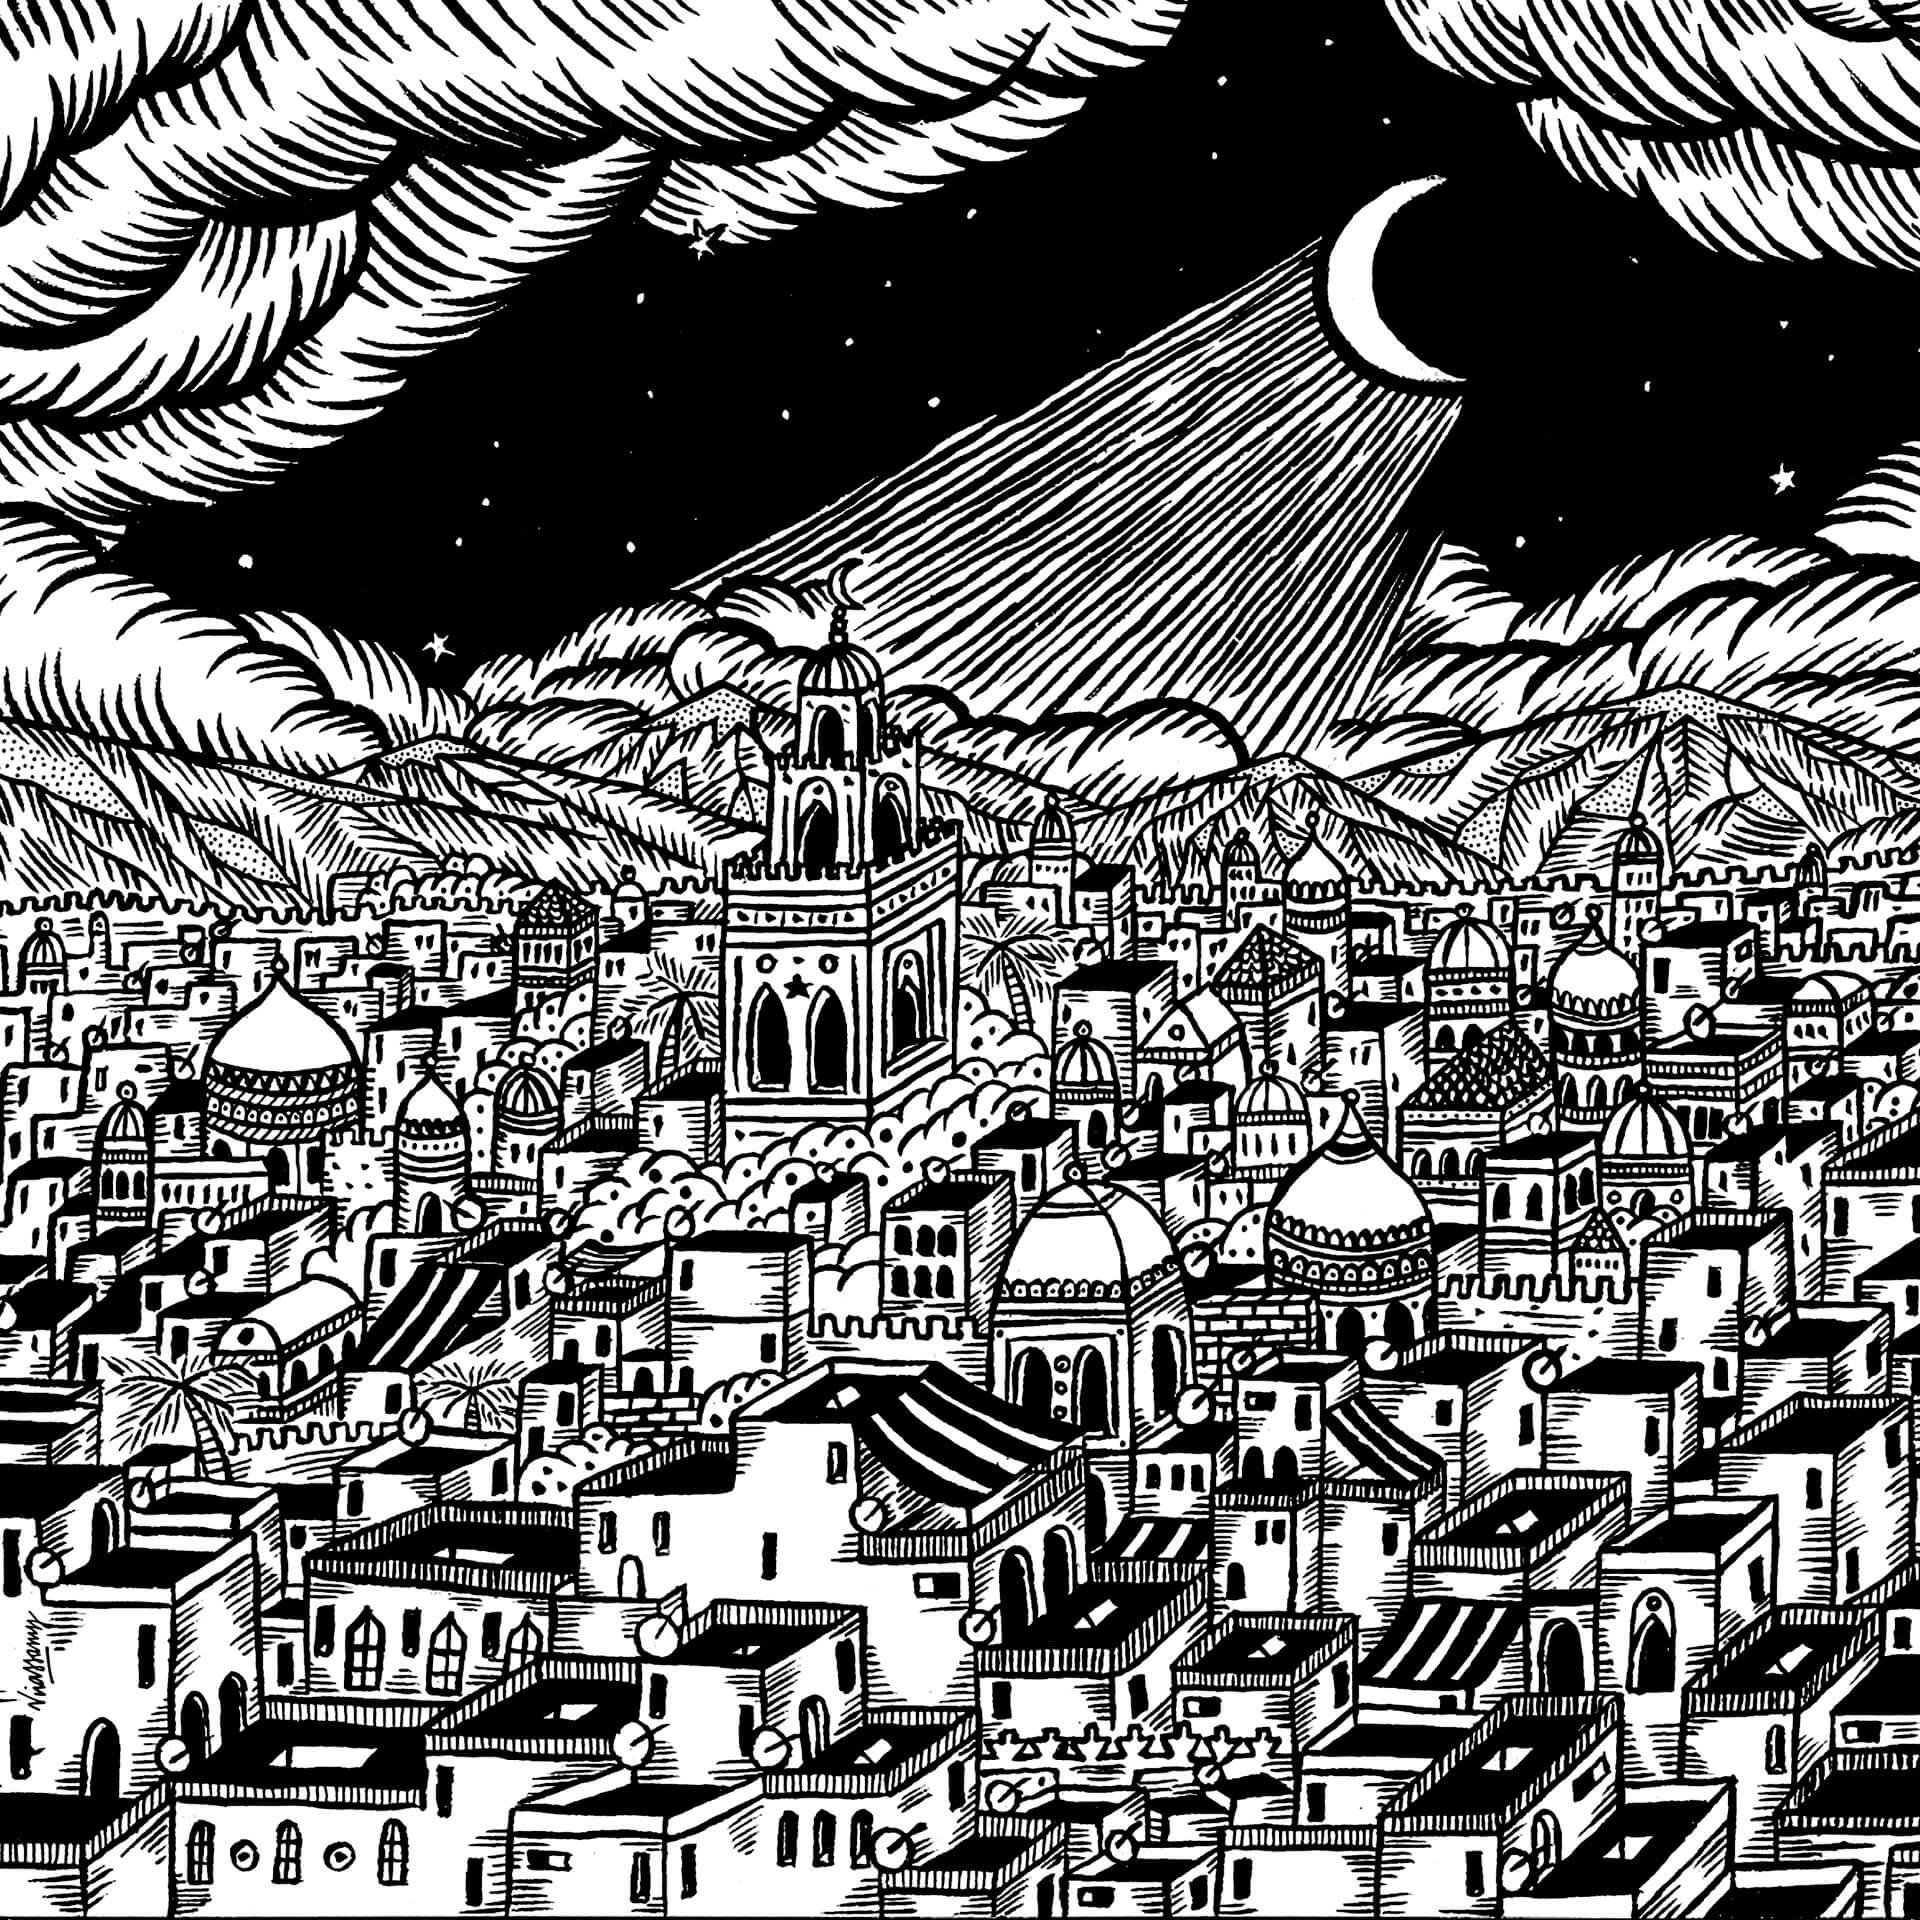 Disorient by Gari Romalis